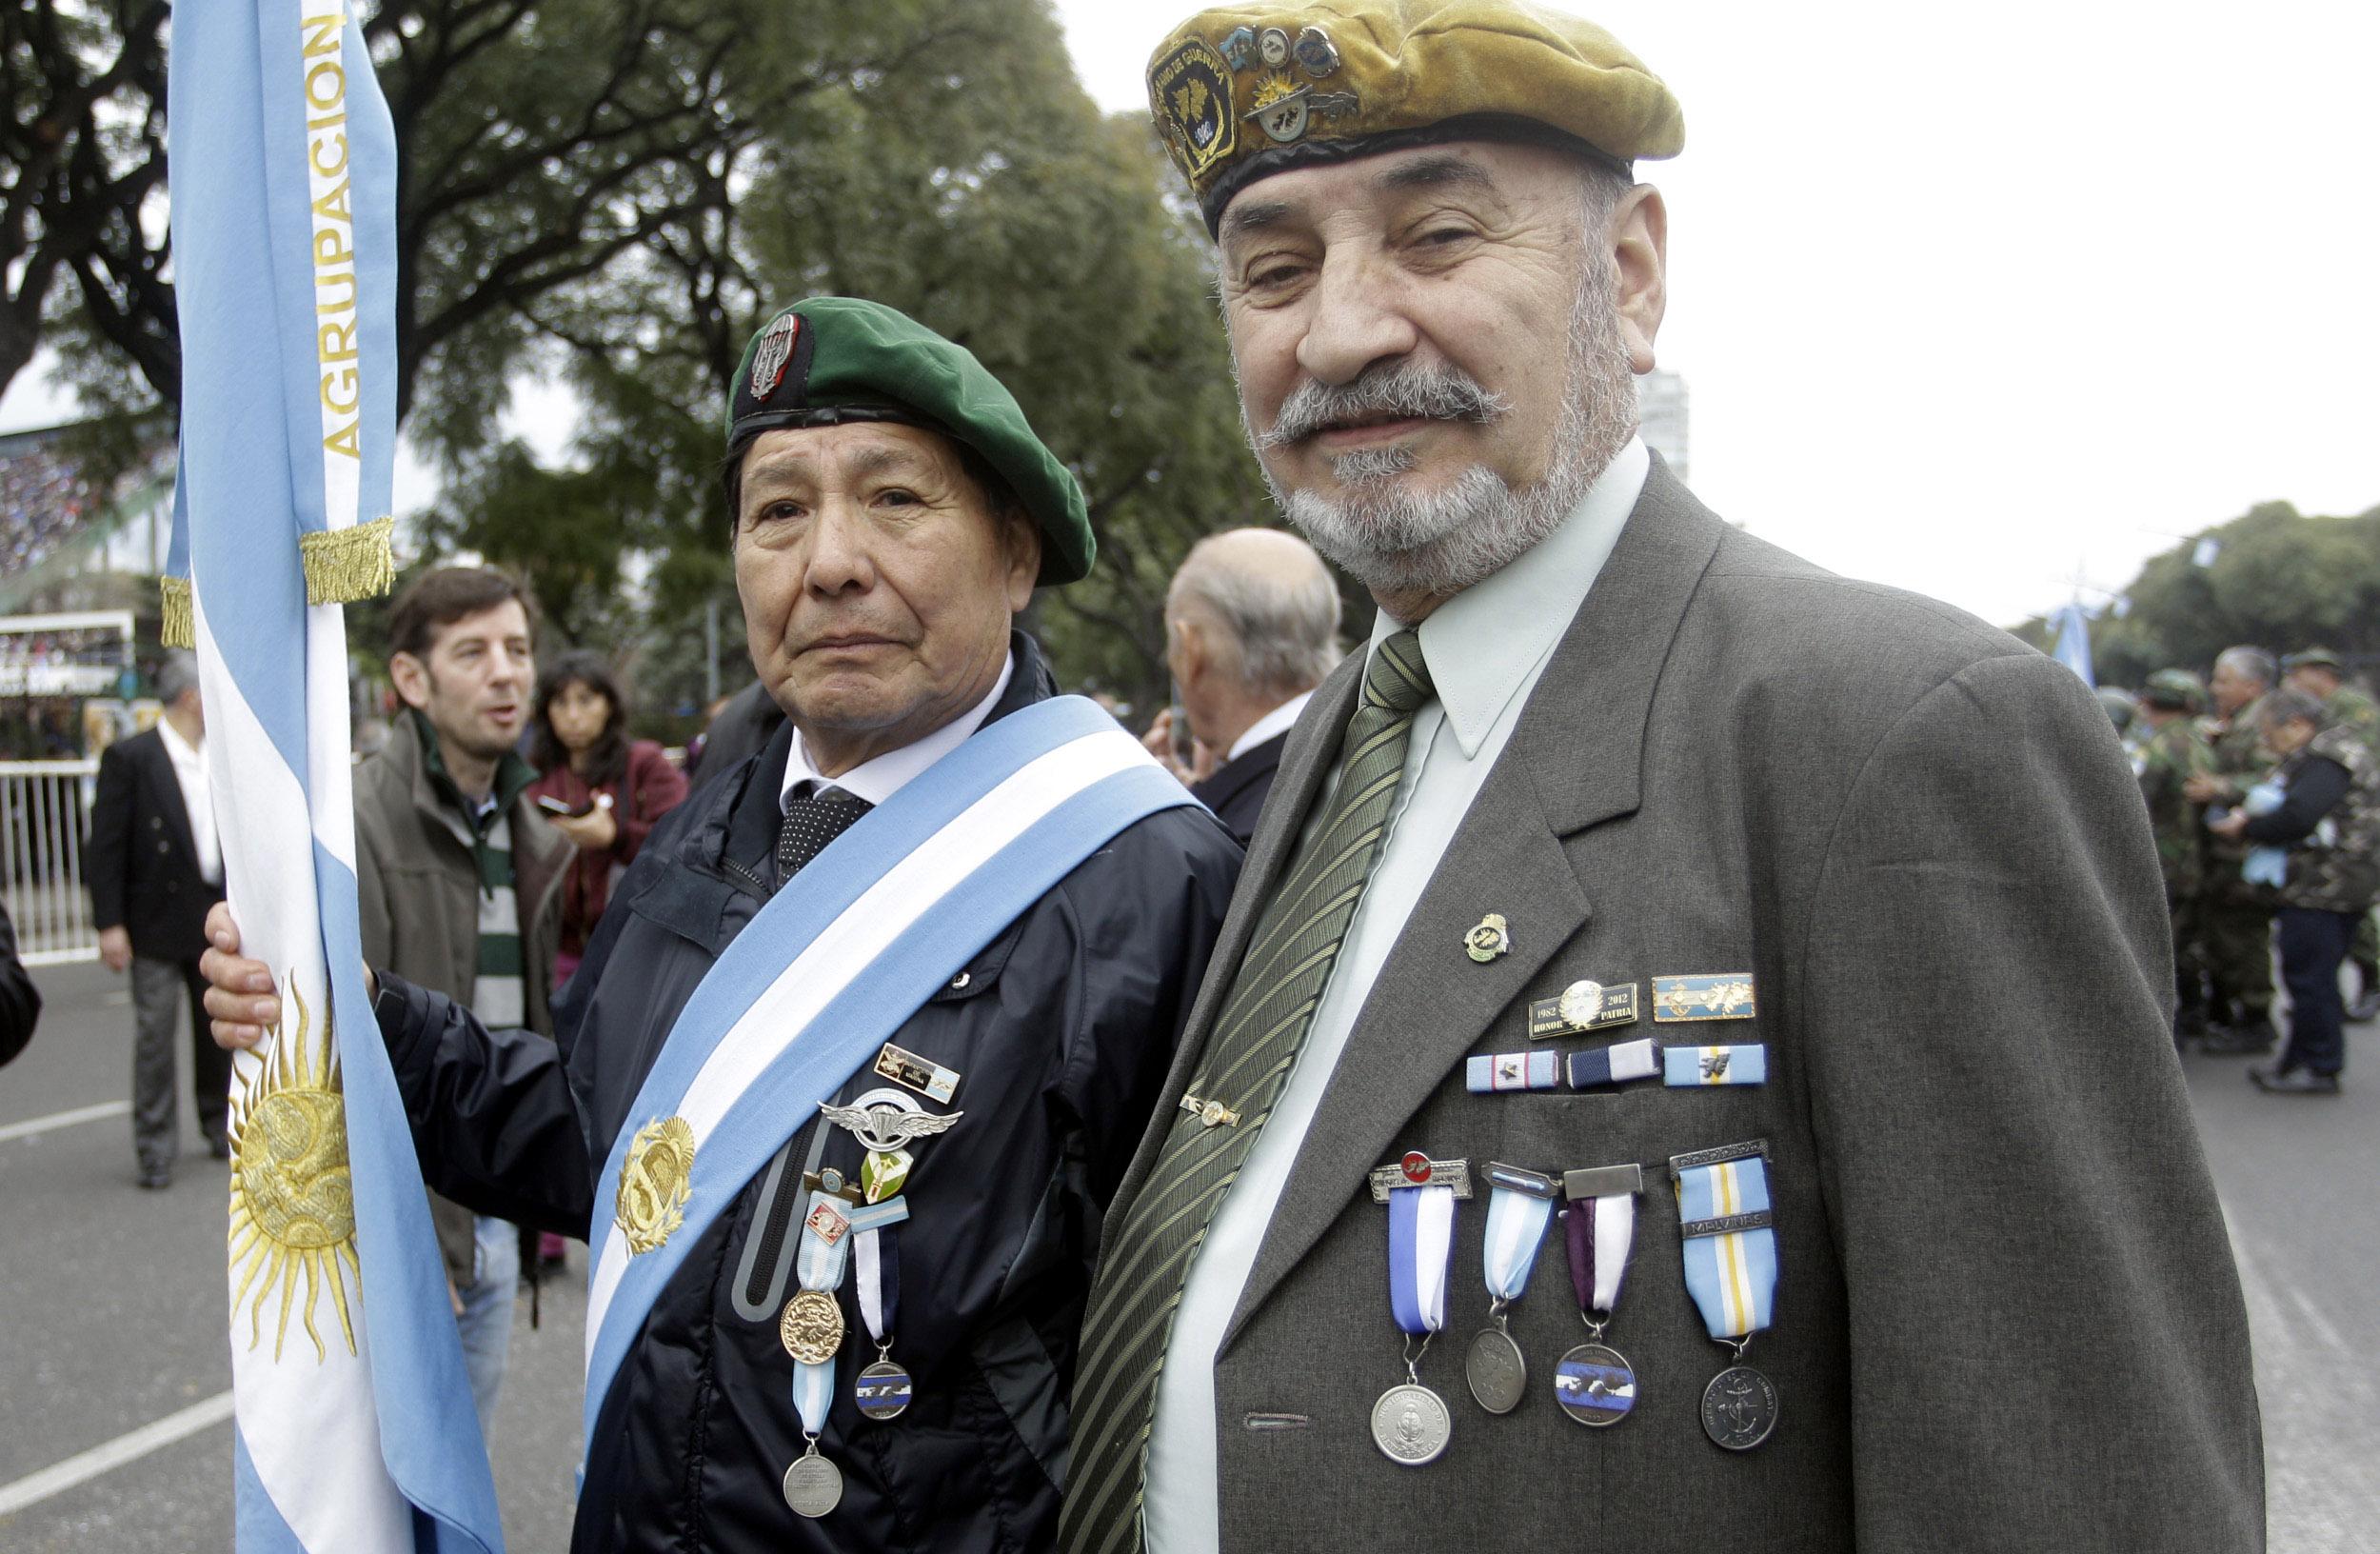 DYN010, BUENOS AIRES 10/07/16, VETERANOS DE MALVINAS, DURANTE EL DESFILE POR EL BICENTENARIO DE LA INDEPENDENCIA.FOTO:DYN/ALBERTO RAGGIO